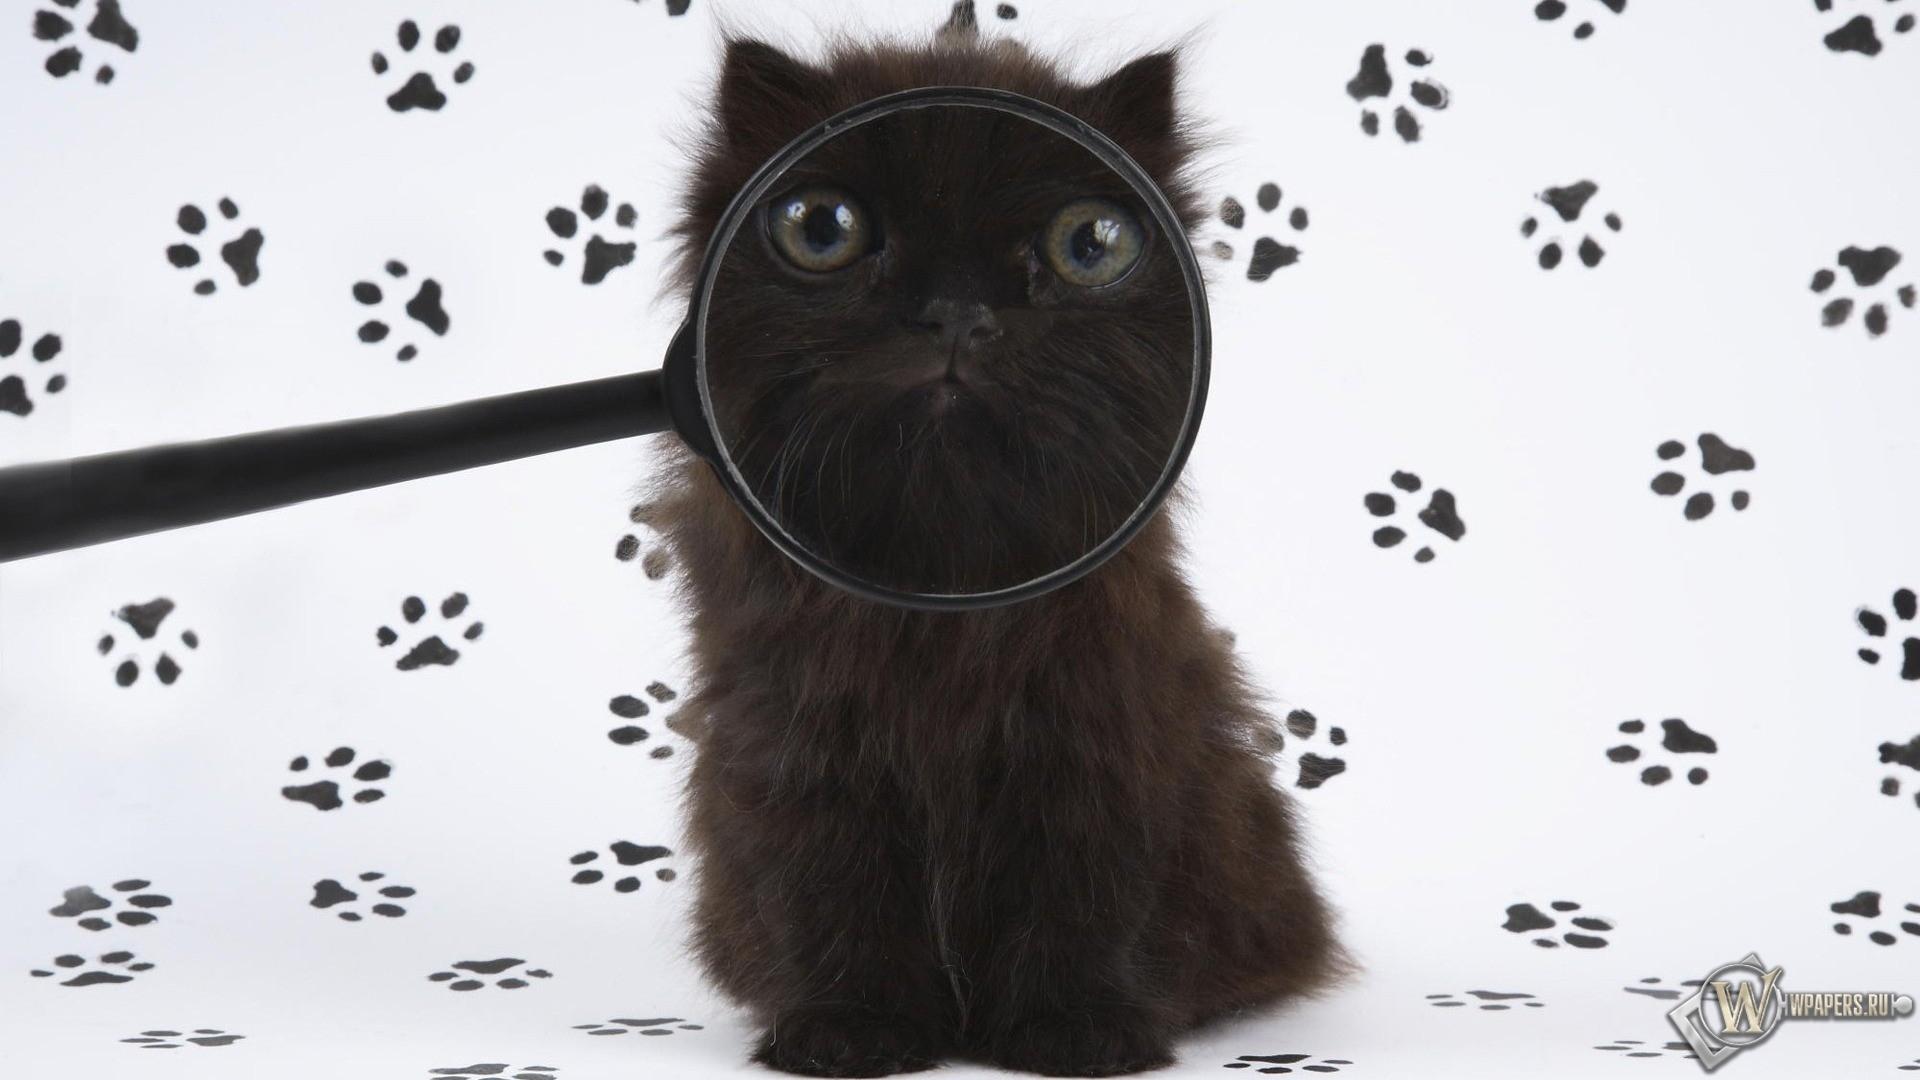 Котенок с лупой 1920x1080